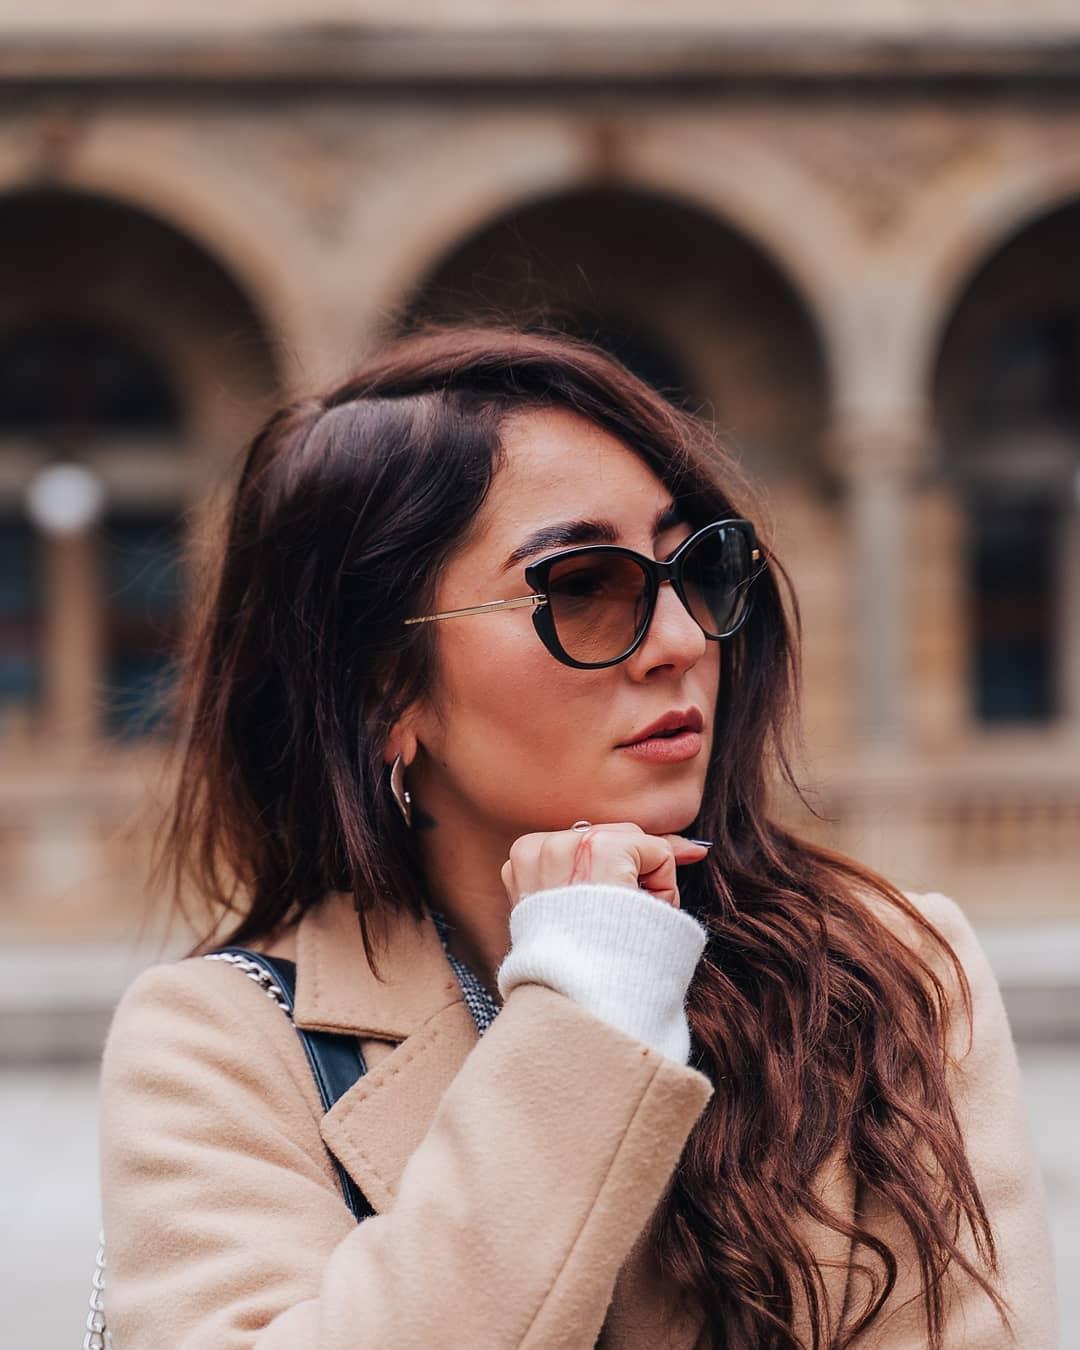 #fashionfriday  V tomto outfitu vsadila @dominikalukasova na kombinaci jednoduchých střihů a zajímavých detailů. Delší koženkovou sukni doplnila černobílou košilí, béžovým kabátem toho nejklasičtějšího střihu a kabelkou s mramorovým vzorem. Na našich brýlích značky #Elle ji zaujal kromě lichotivého tvaru i detail přidělání nožičky, který skvěle vynikne ze všech úhlů . . . #vasecocky #slunecnibryle #sunglasses #dnesnosim